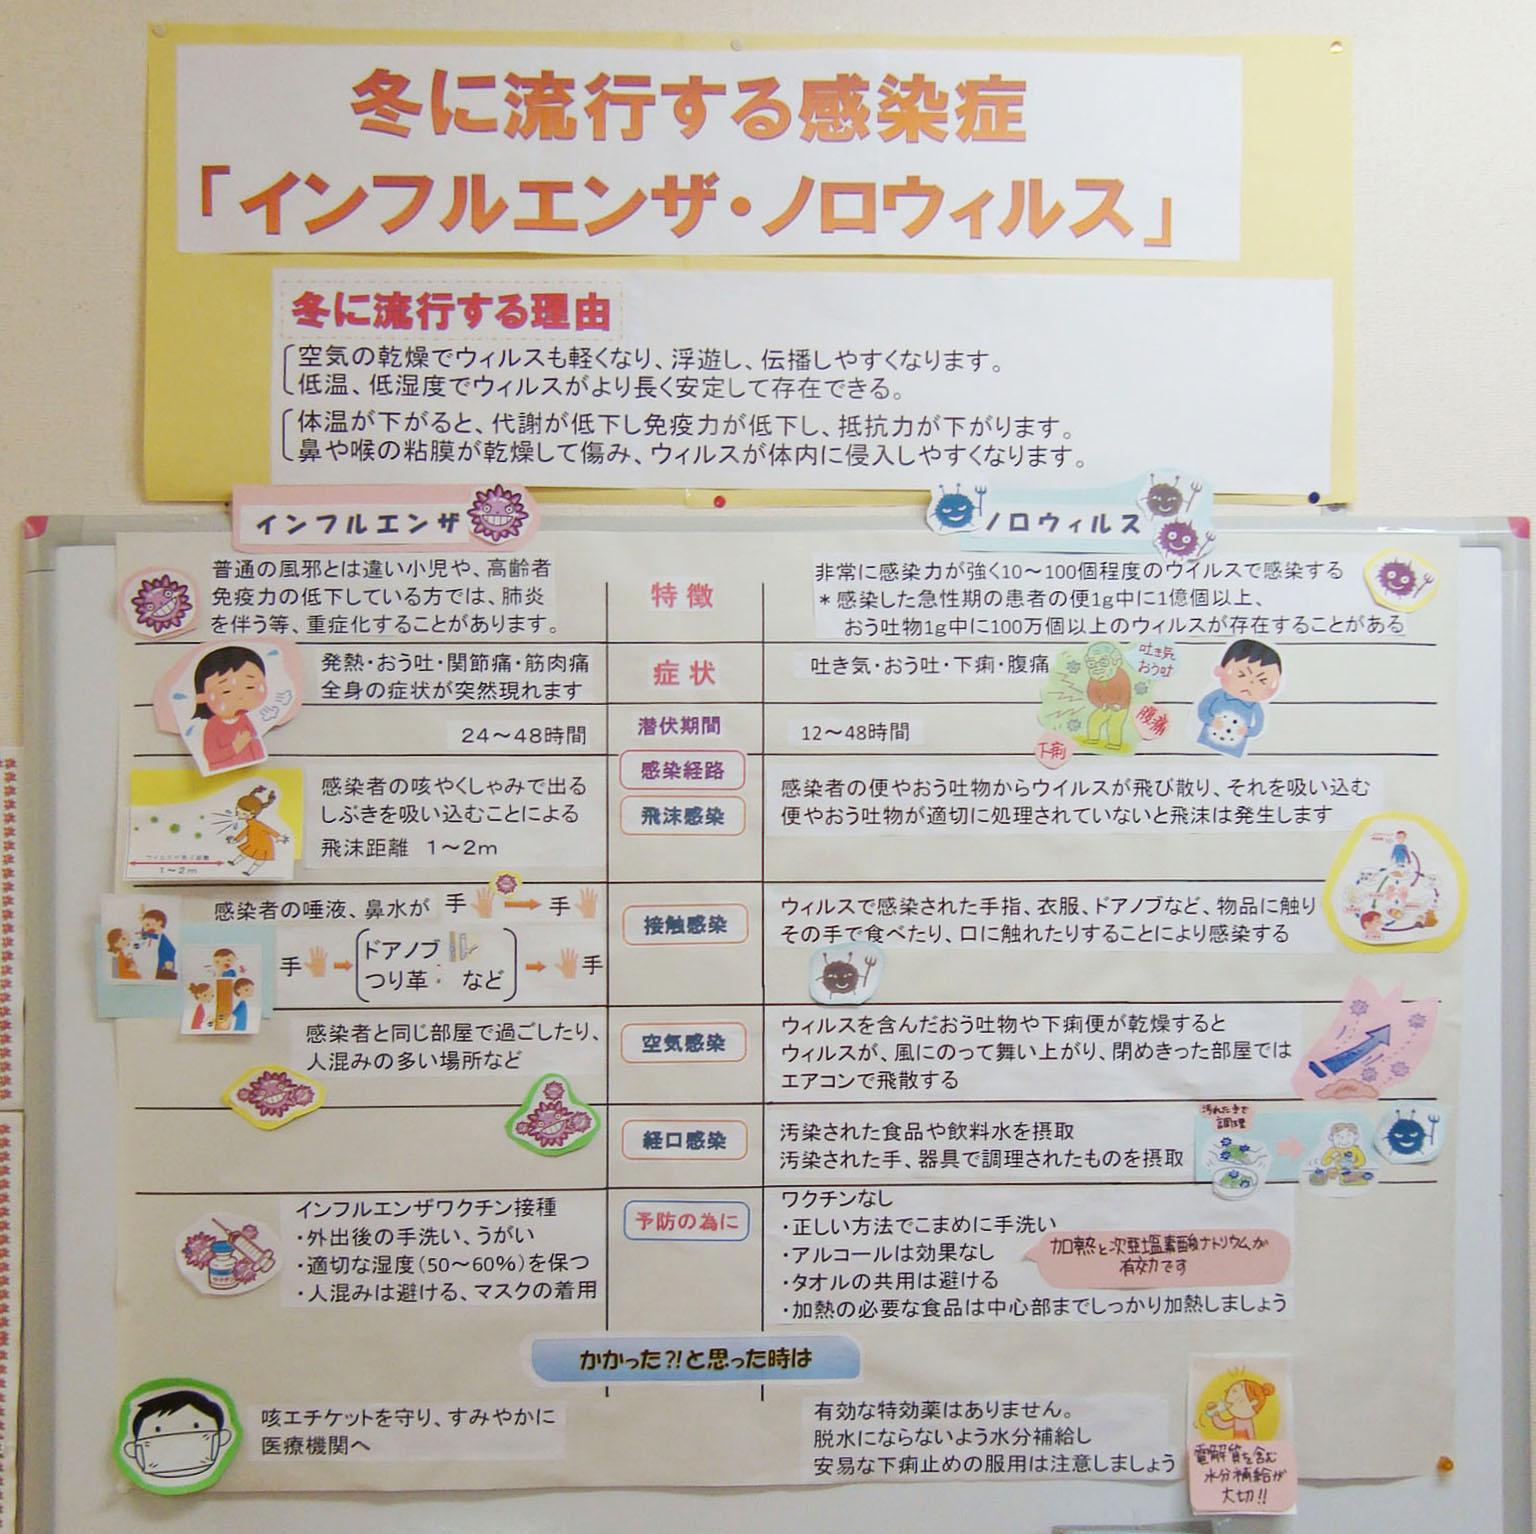 インフルエンザ 予防 接種 姫路